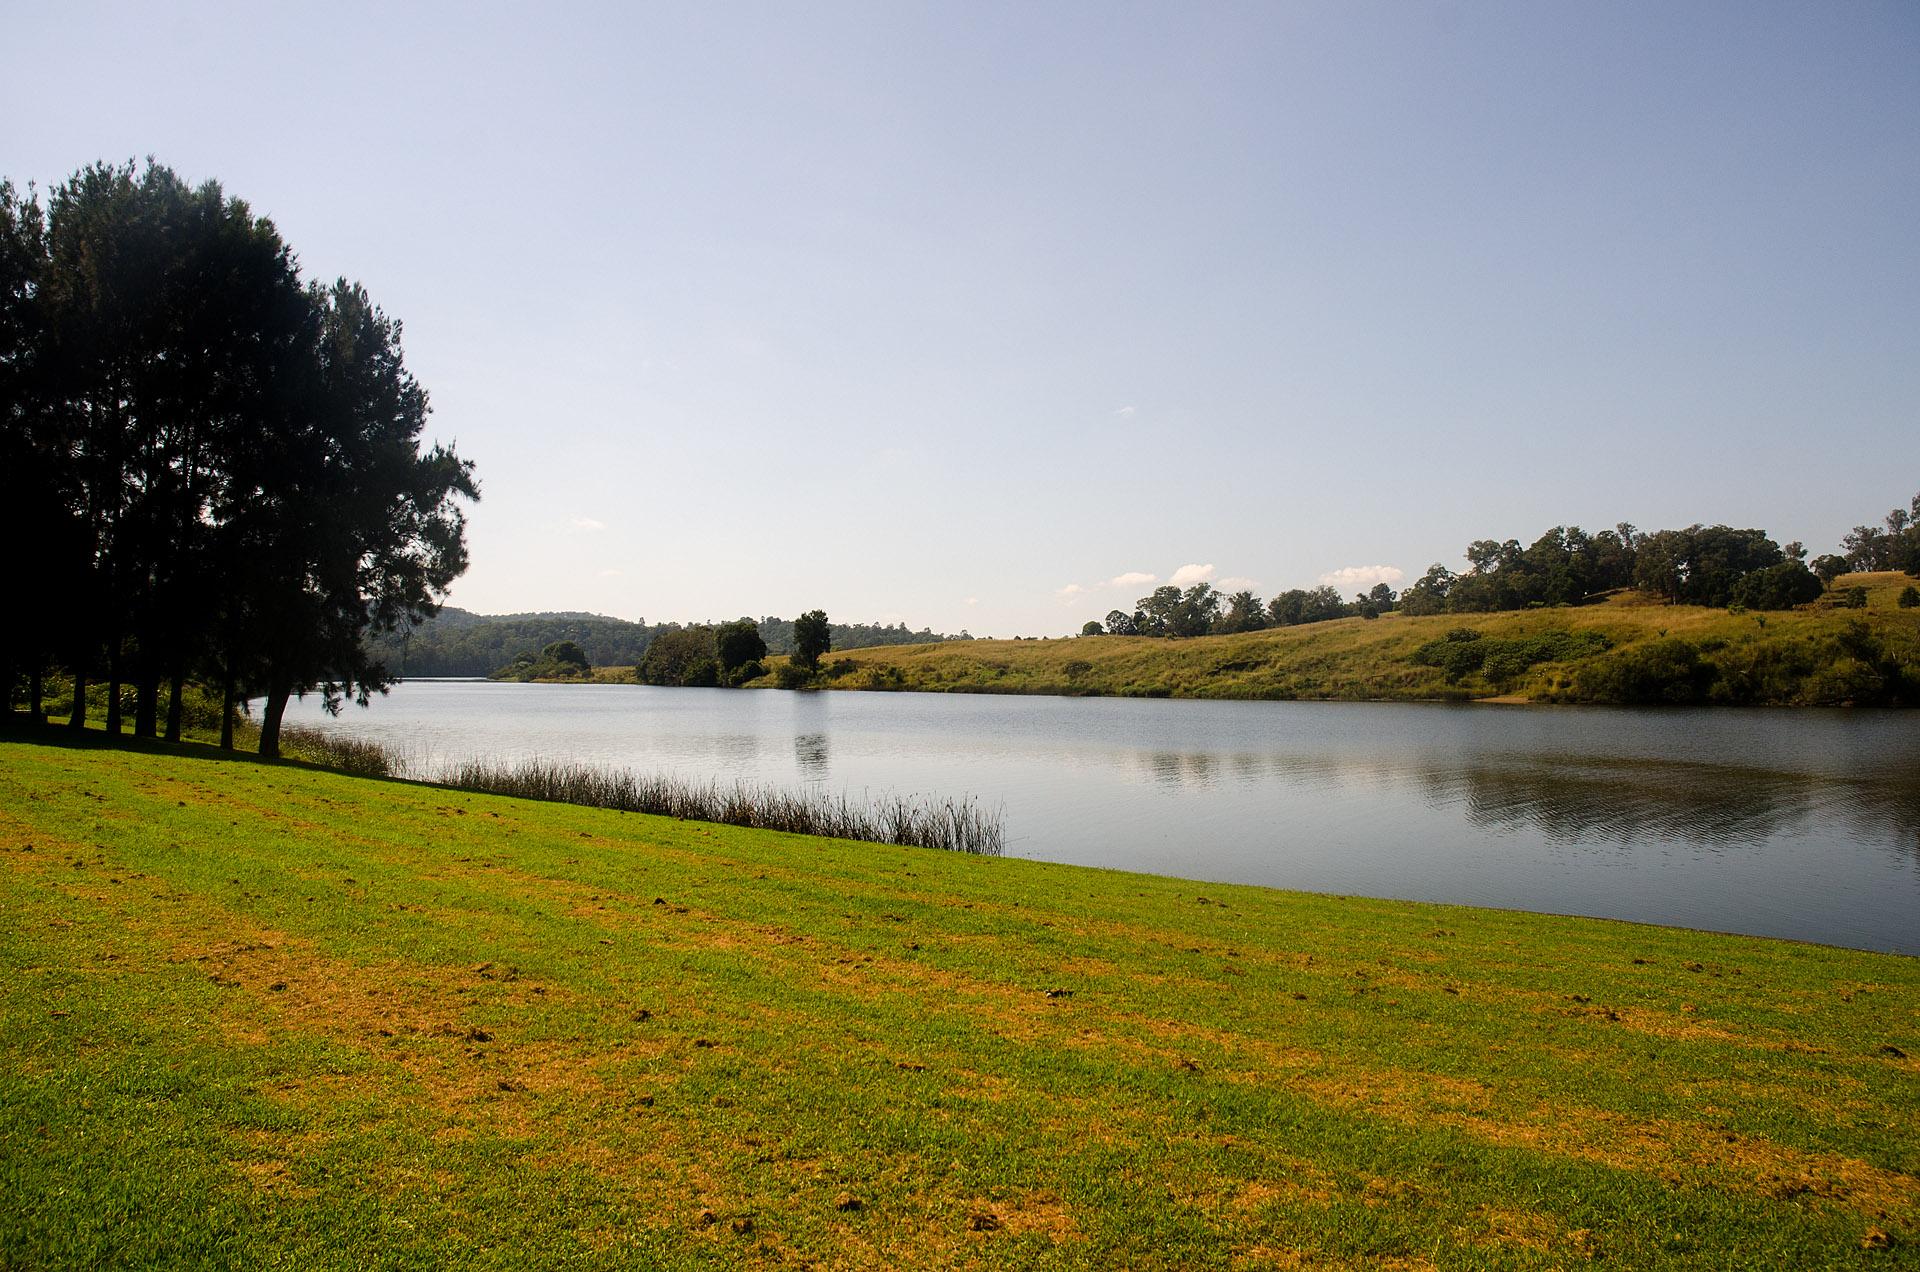 Manning River, Wingham